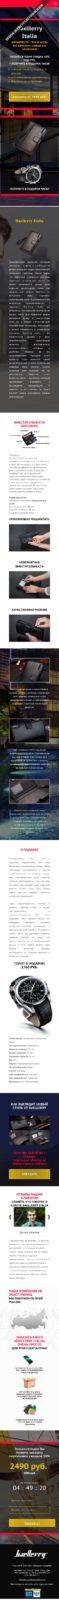 Скриншот лендинга Мужское портмоне Baellerry 003 - моб